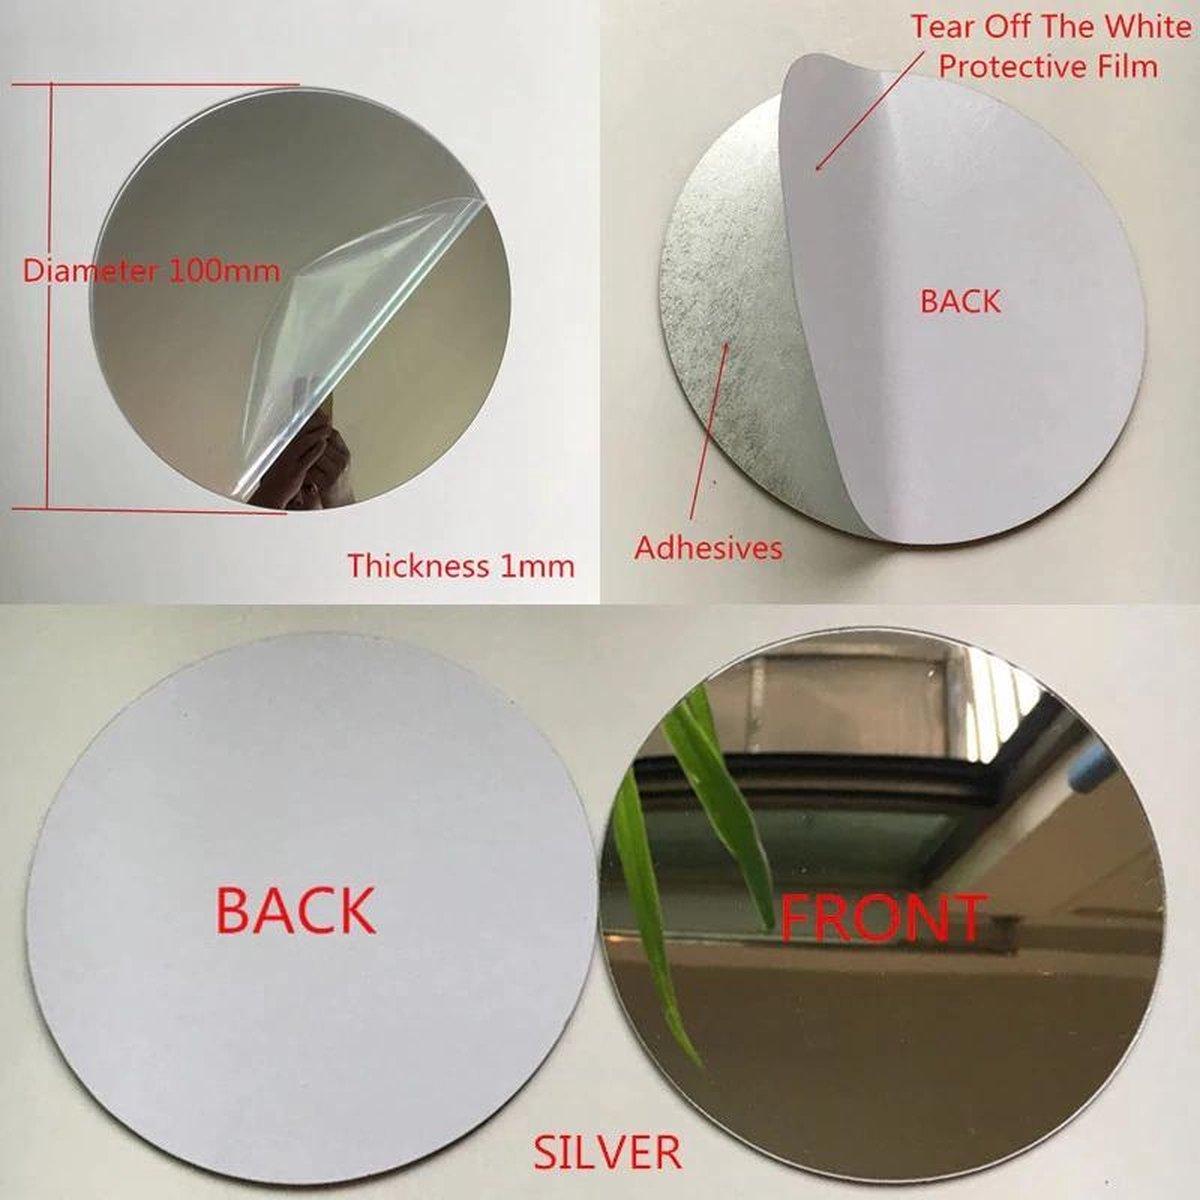 Mini plakspiegel rond - 10 cm - Acrylspiegel - Met lijmlaag aan achterzijde